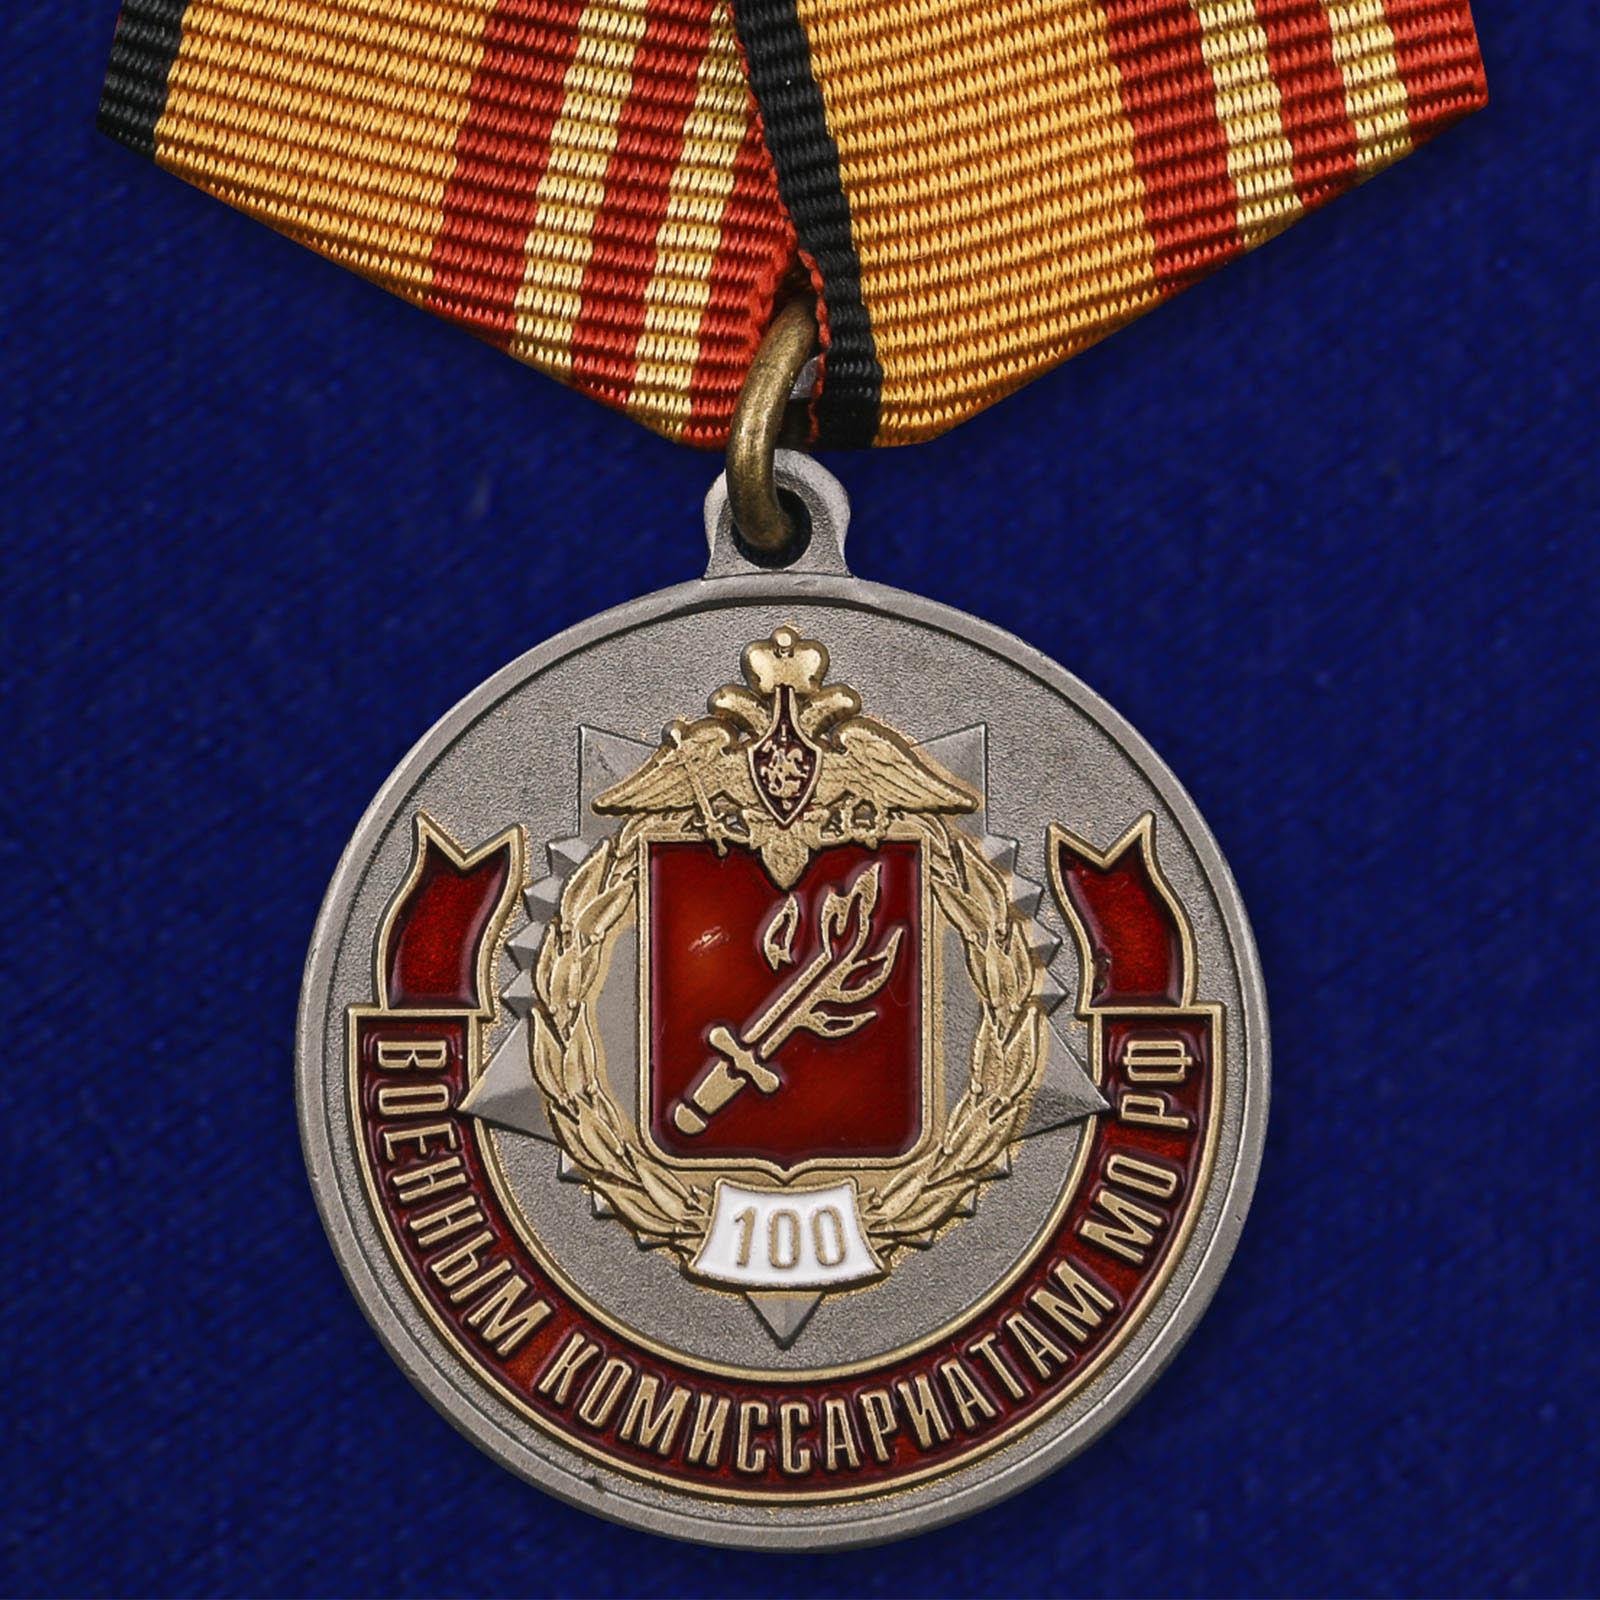 Купить медаль 100 лет Военным комиссариатам МО РФ на подставке с доставкой